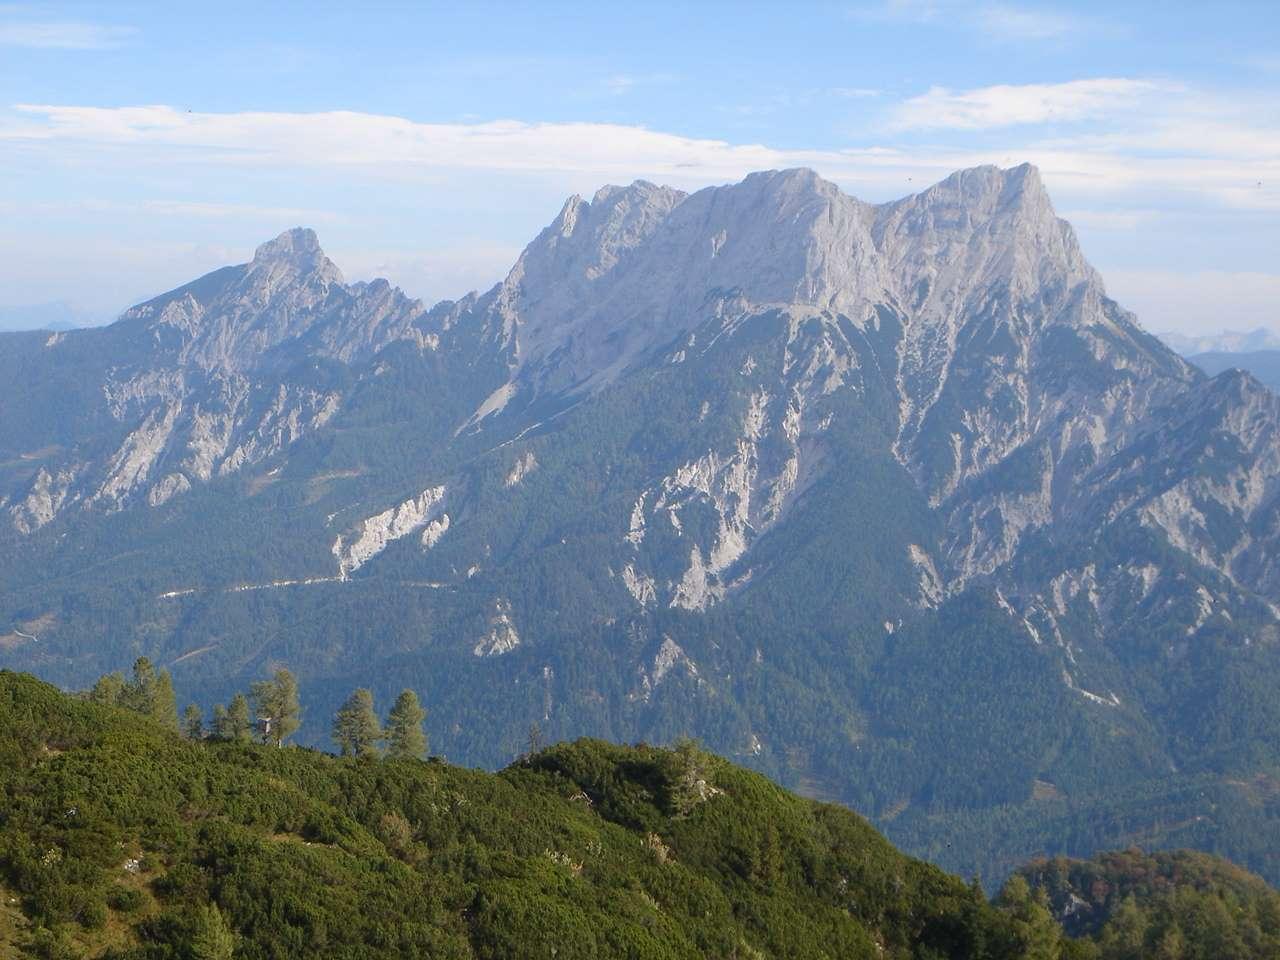 Foto: Manfred Karl / Wander Tour / Grabnerstein - Gipfelrunde / Abstieg vom Grabnerstein / 18.05.2007 14:47:43